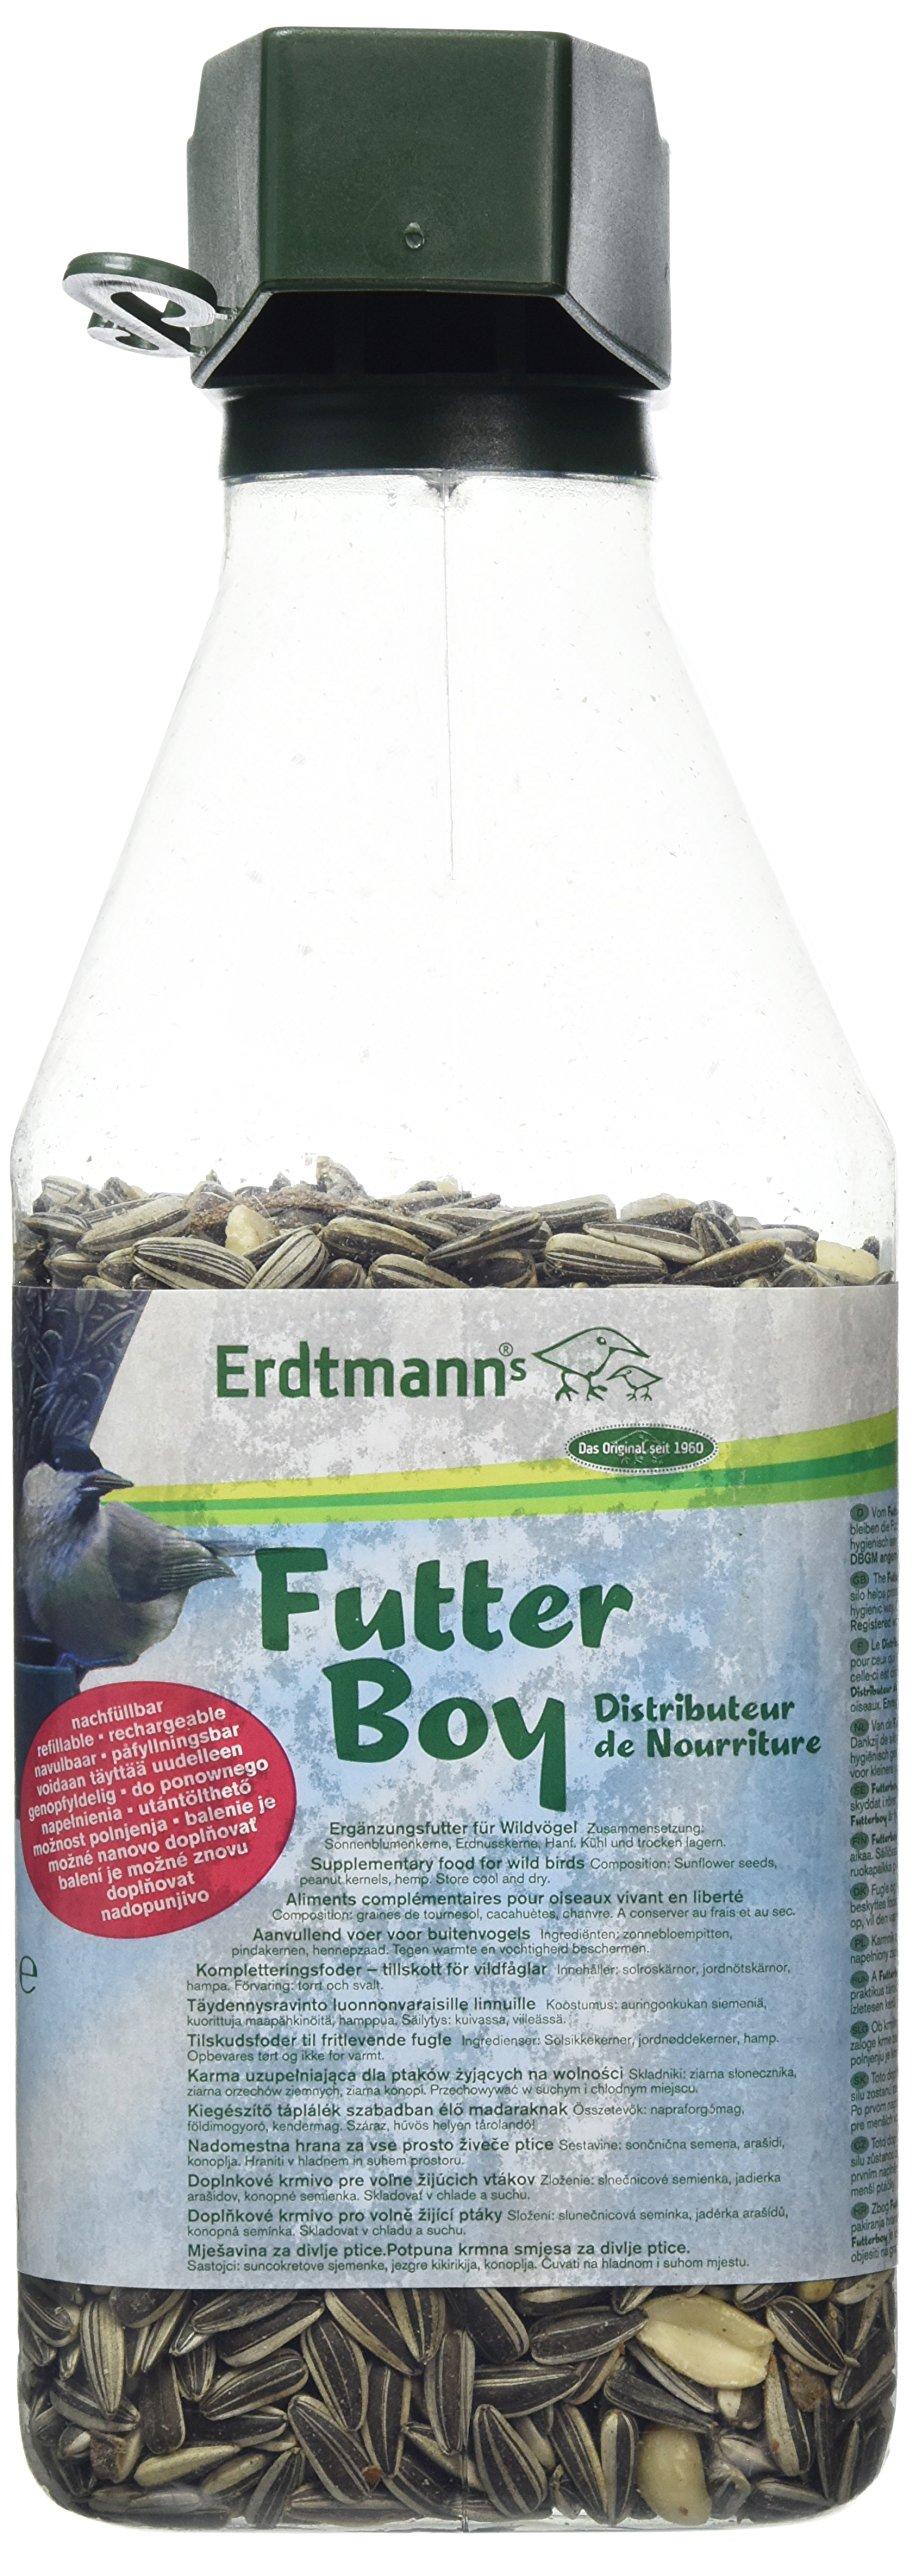 Erdtmann Futterboy Filled Seed Dispenser, 500 g